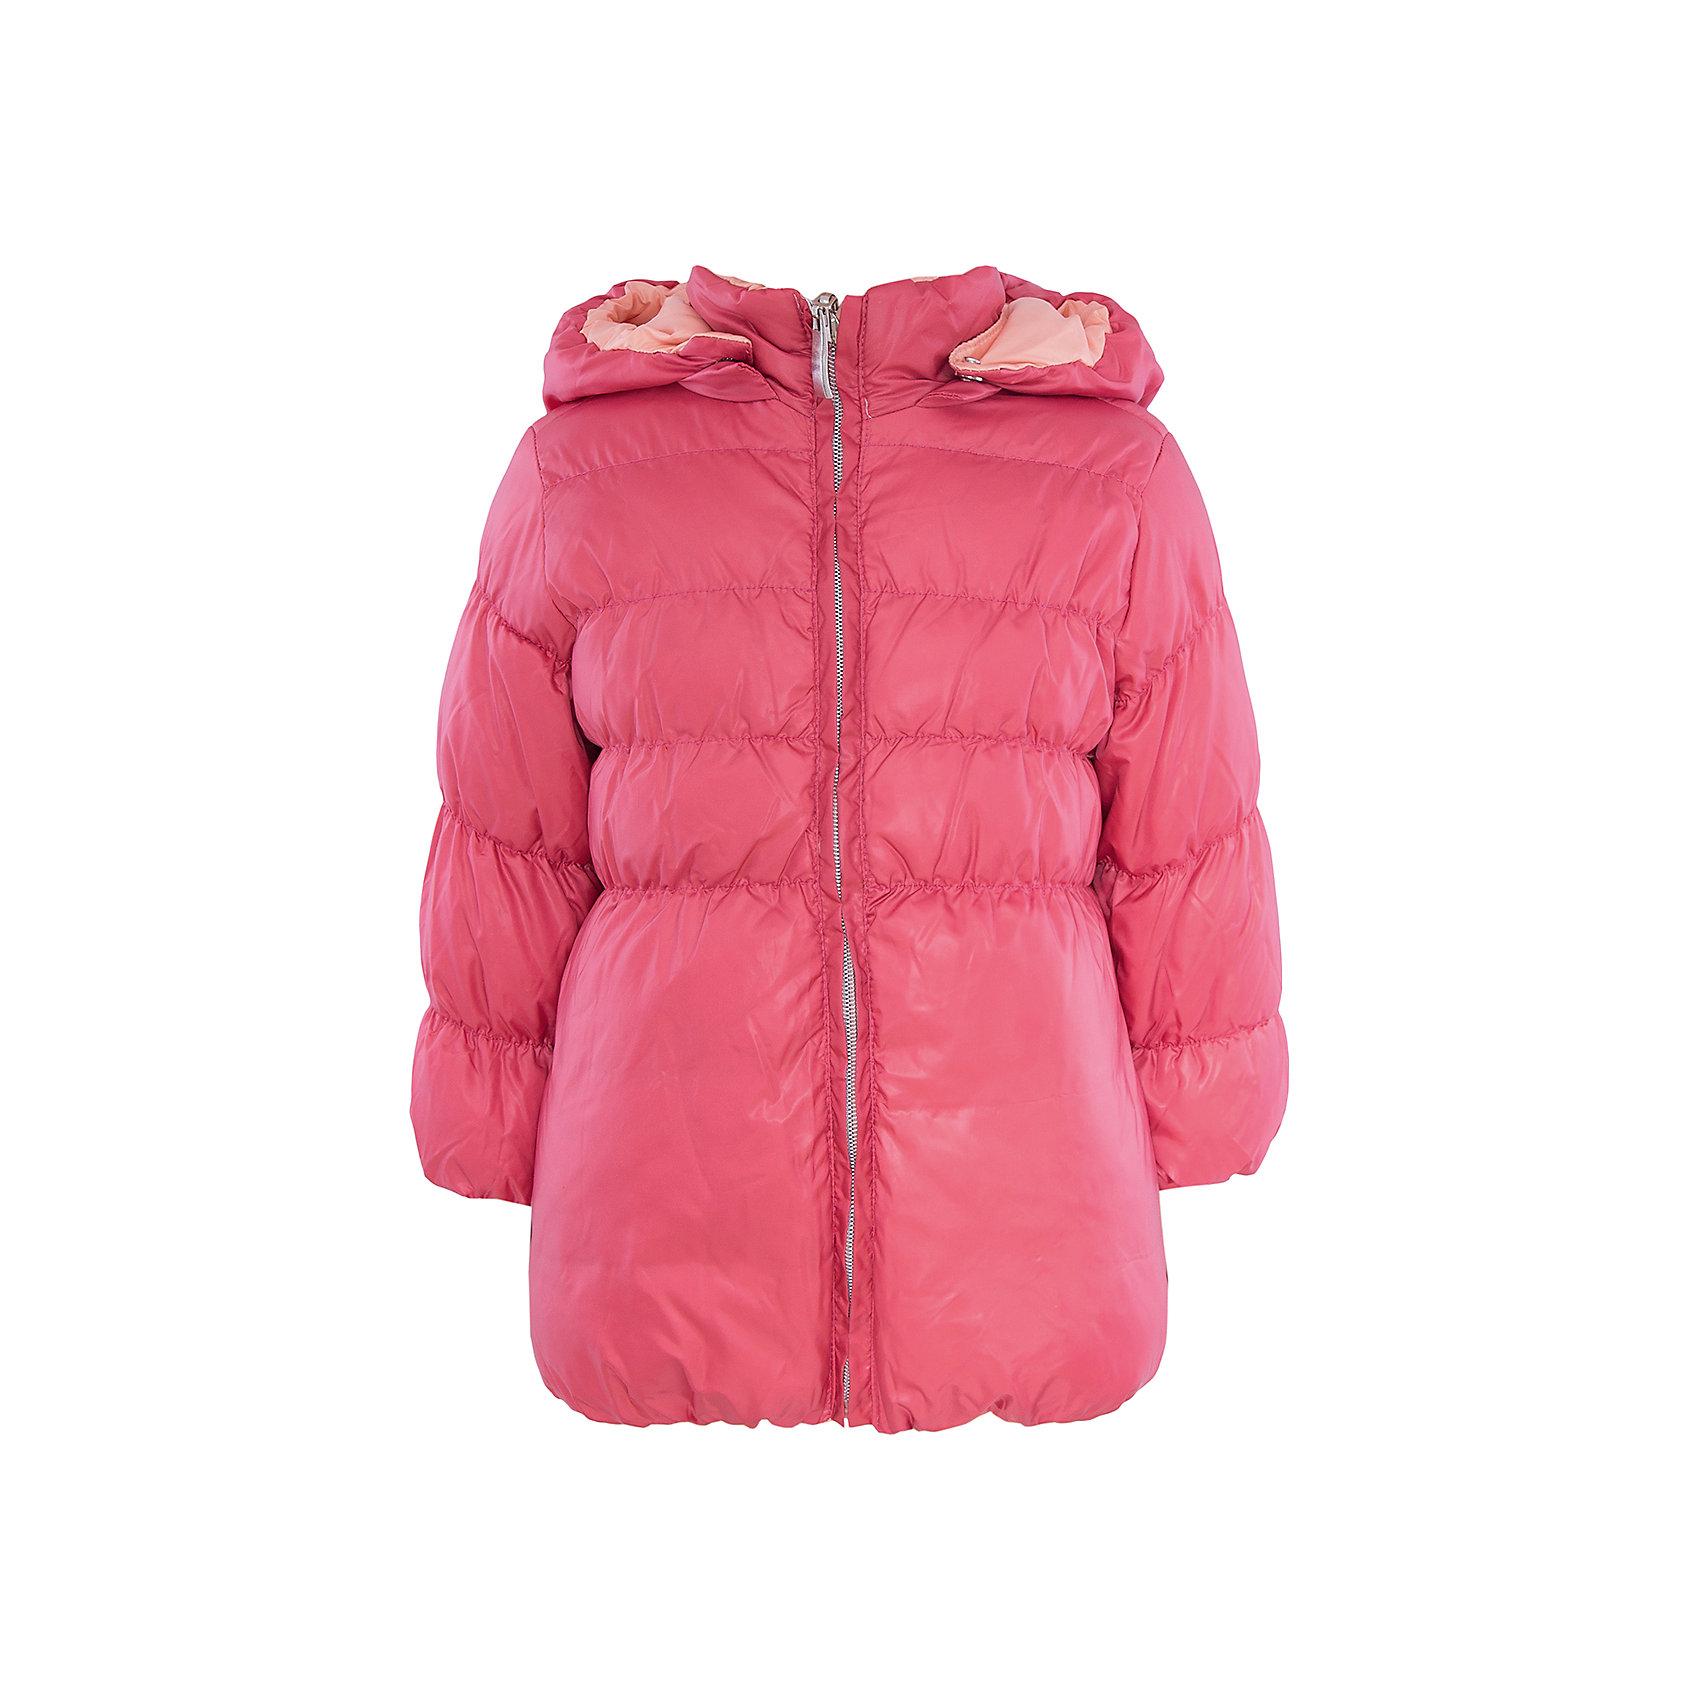 CHICCO Куртка  CHICCO для девочки в каком магазине в бибирево можно купить дшево косметику dbib